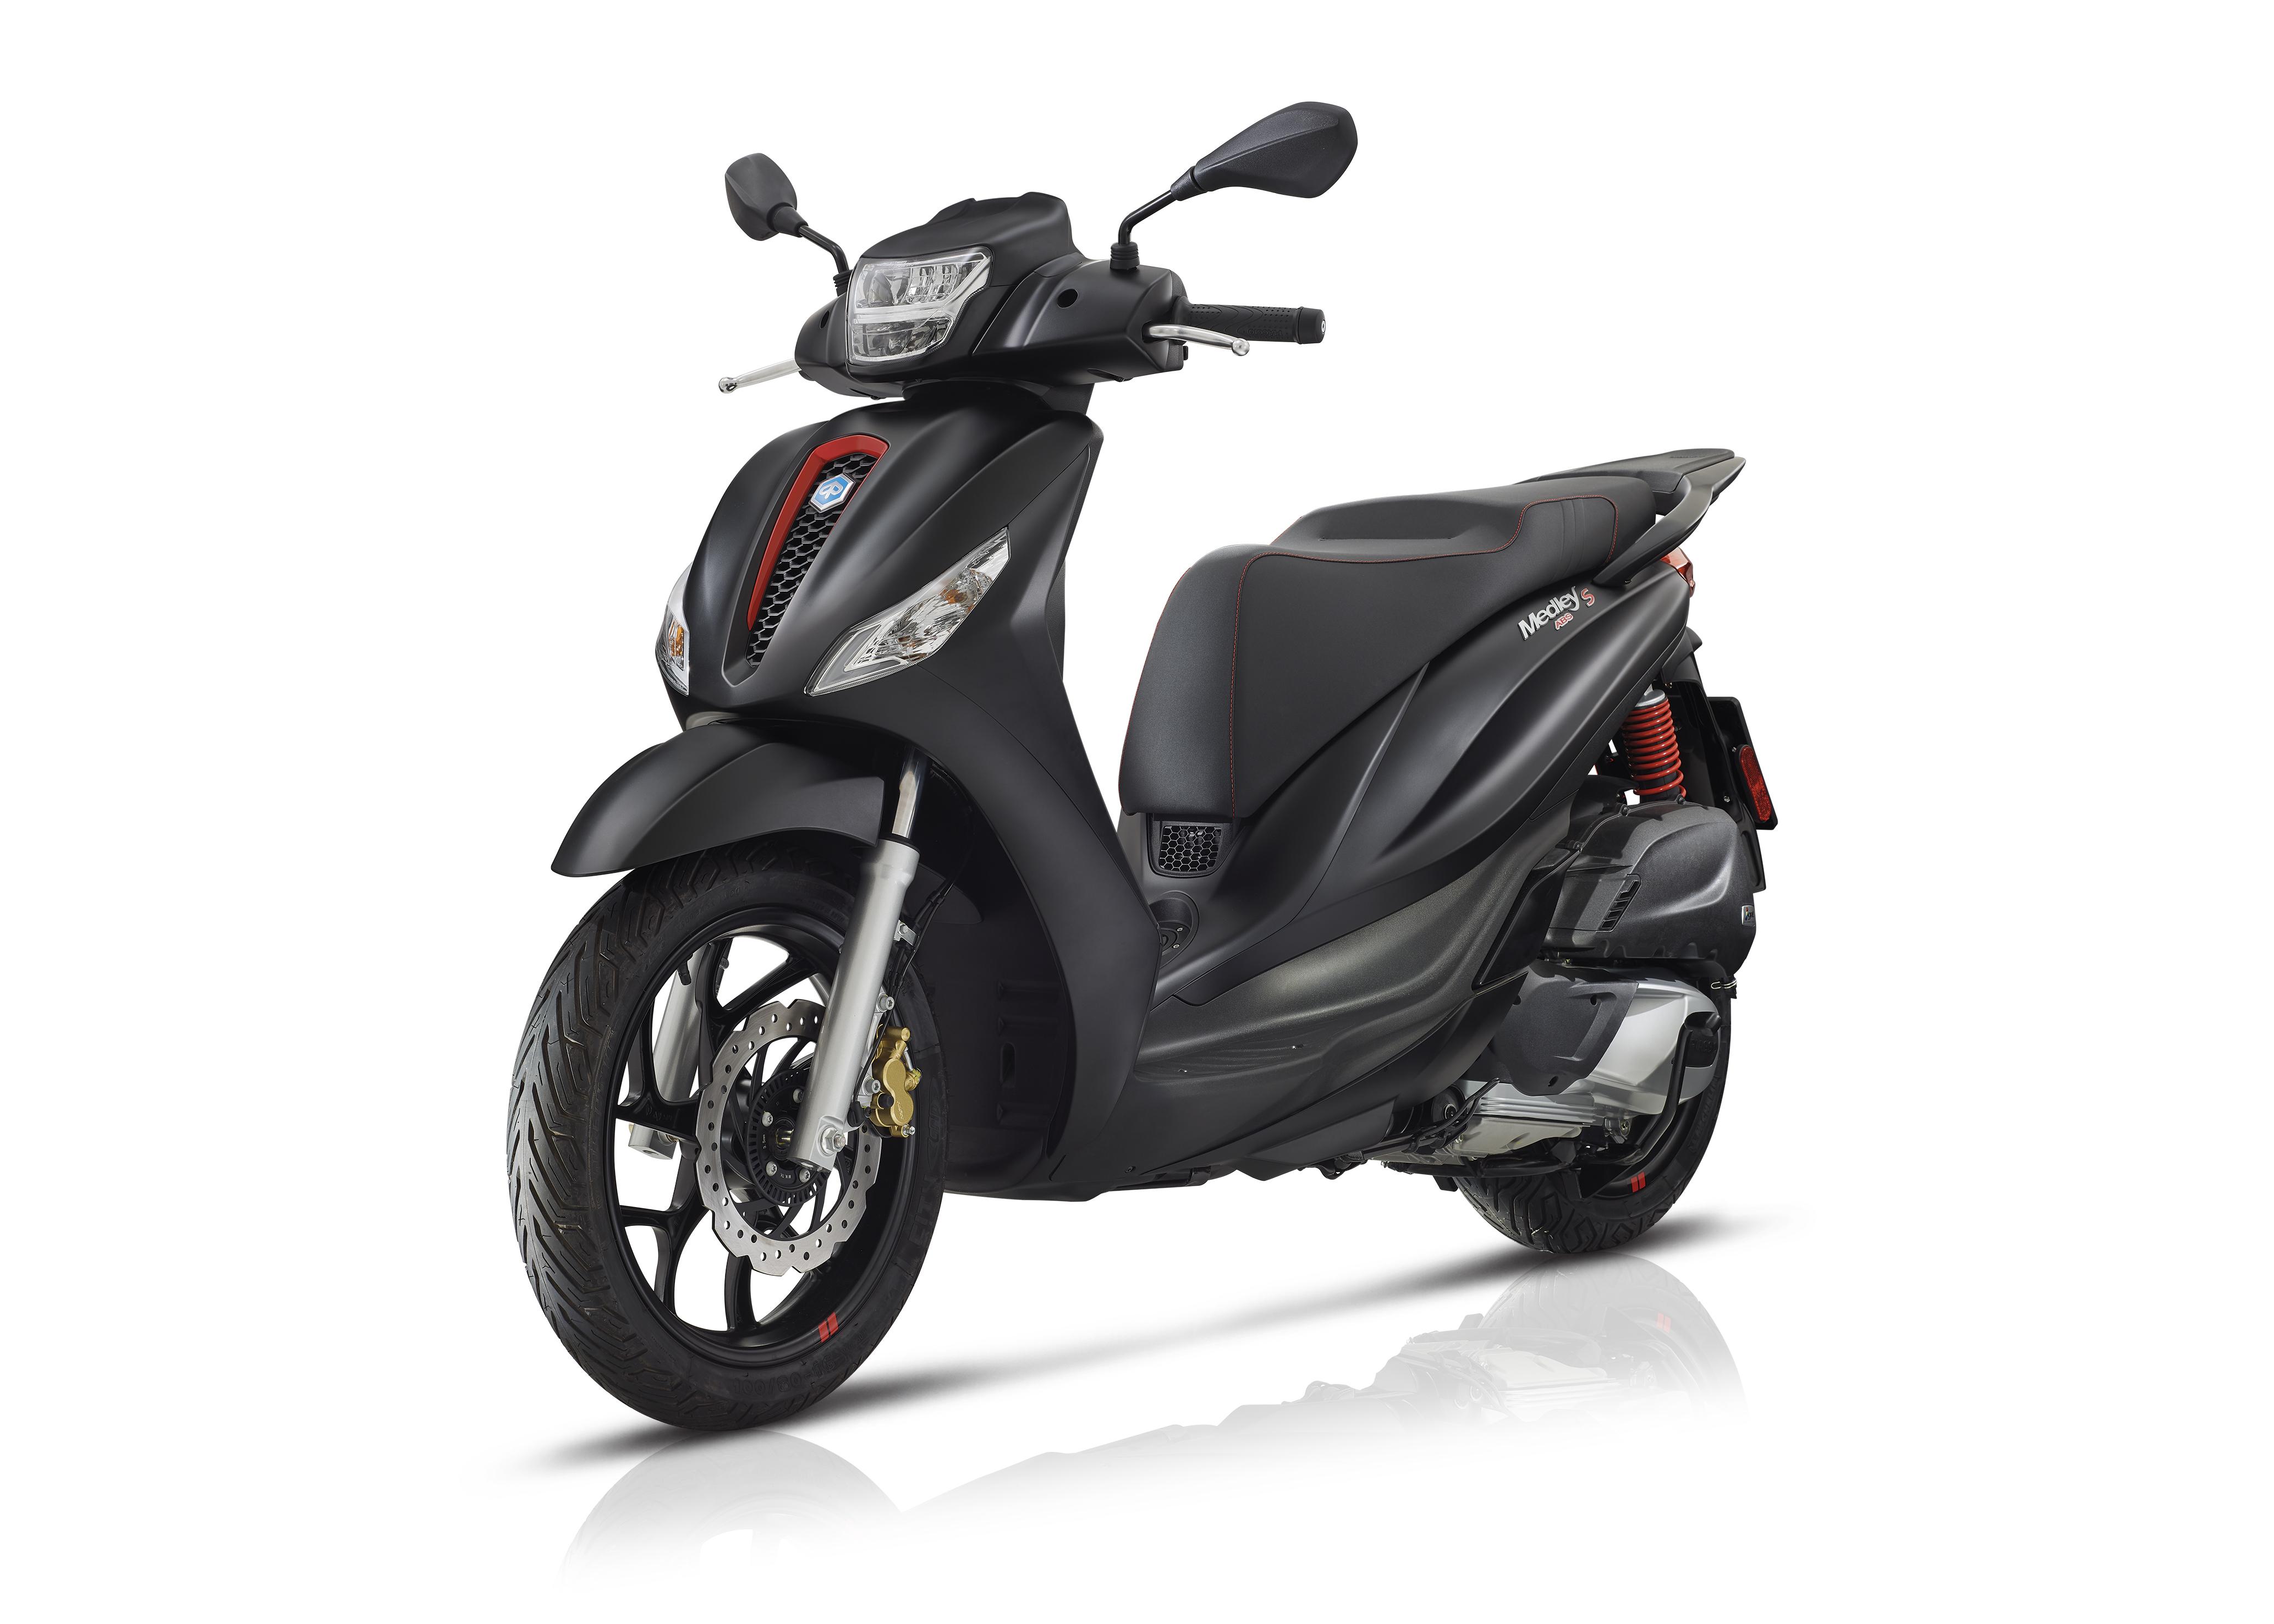 Piaggio Piaggio Medley Sport 125  Modell 2021 EU5 LED,ABS